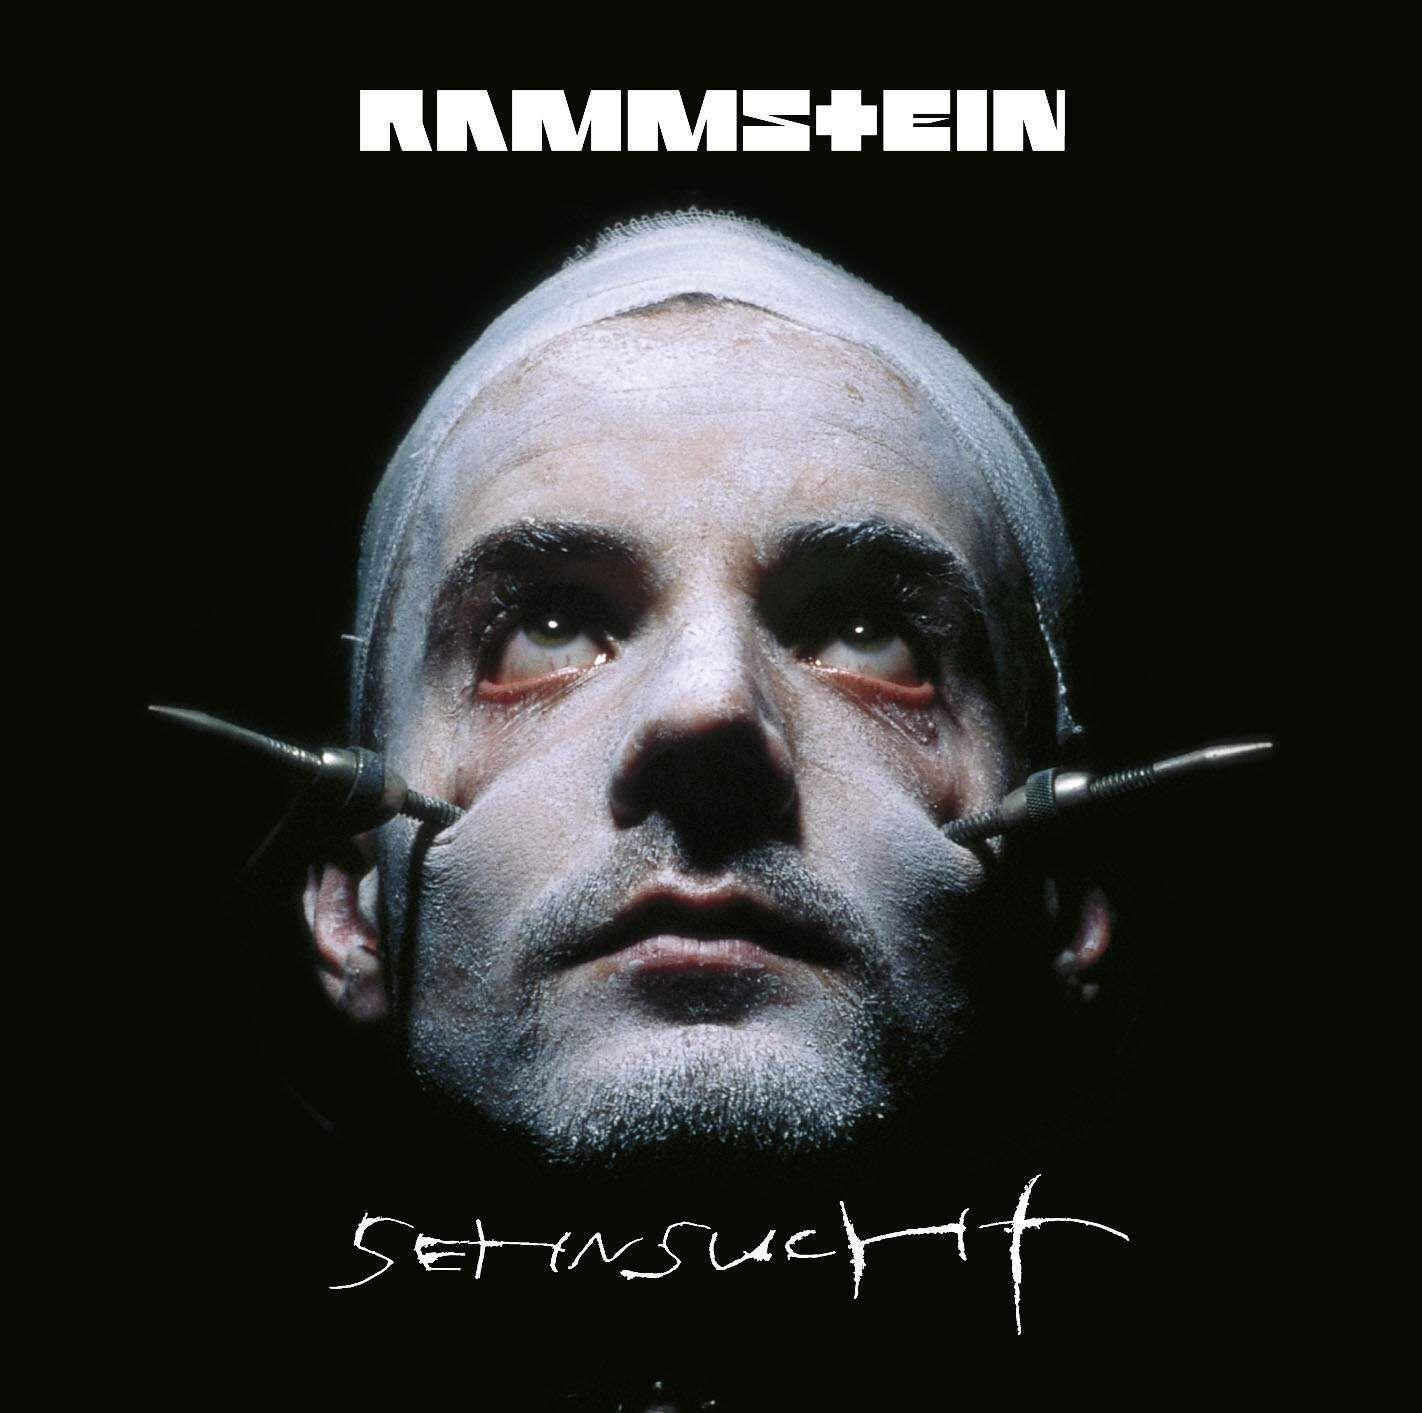 Sehnsucht Rammstein Album Rammstein Shop